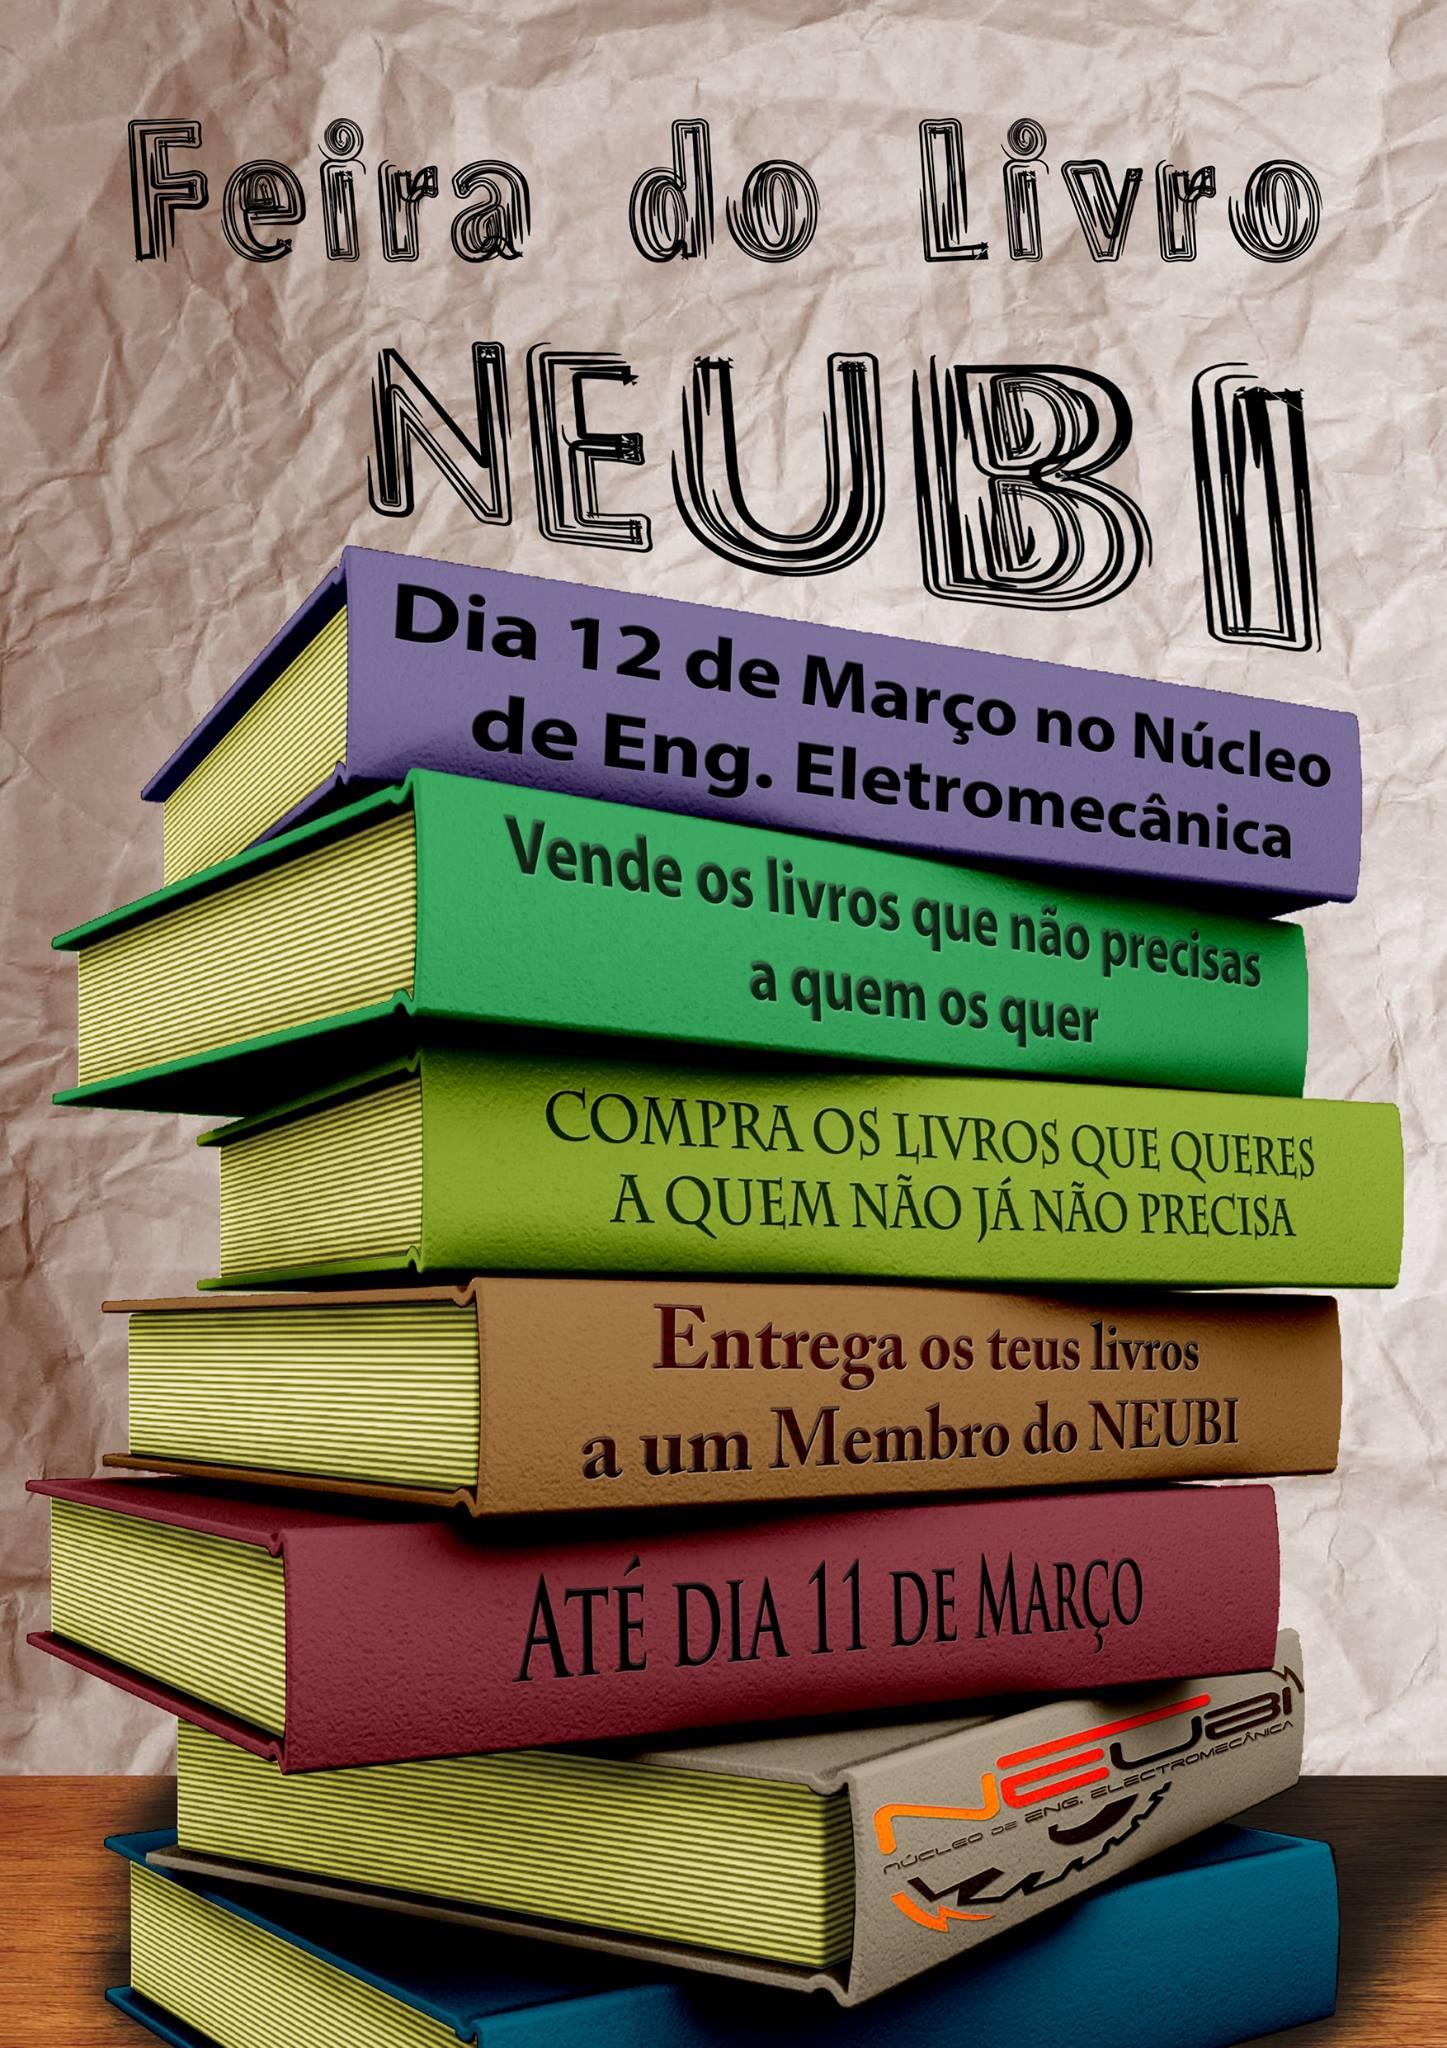 Cartaz Feira do Livro ELM